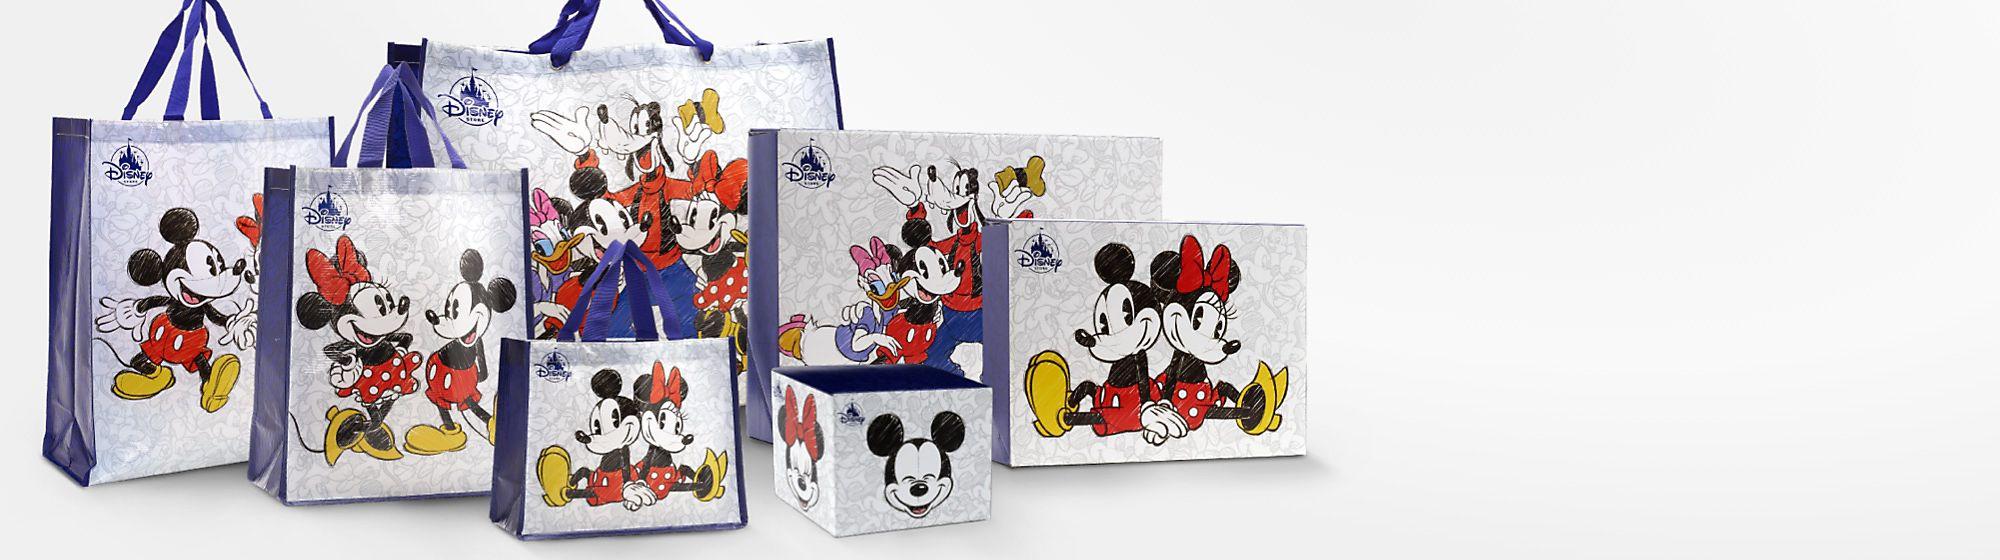 Bolsas y cajas de regalo Descubre nuestra magnífica selección de bolsas reutilizables y cajas de regalo con personajes como Mickey o Minnie, entre otros